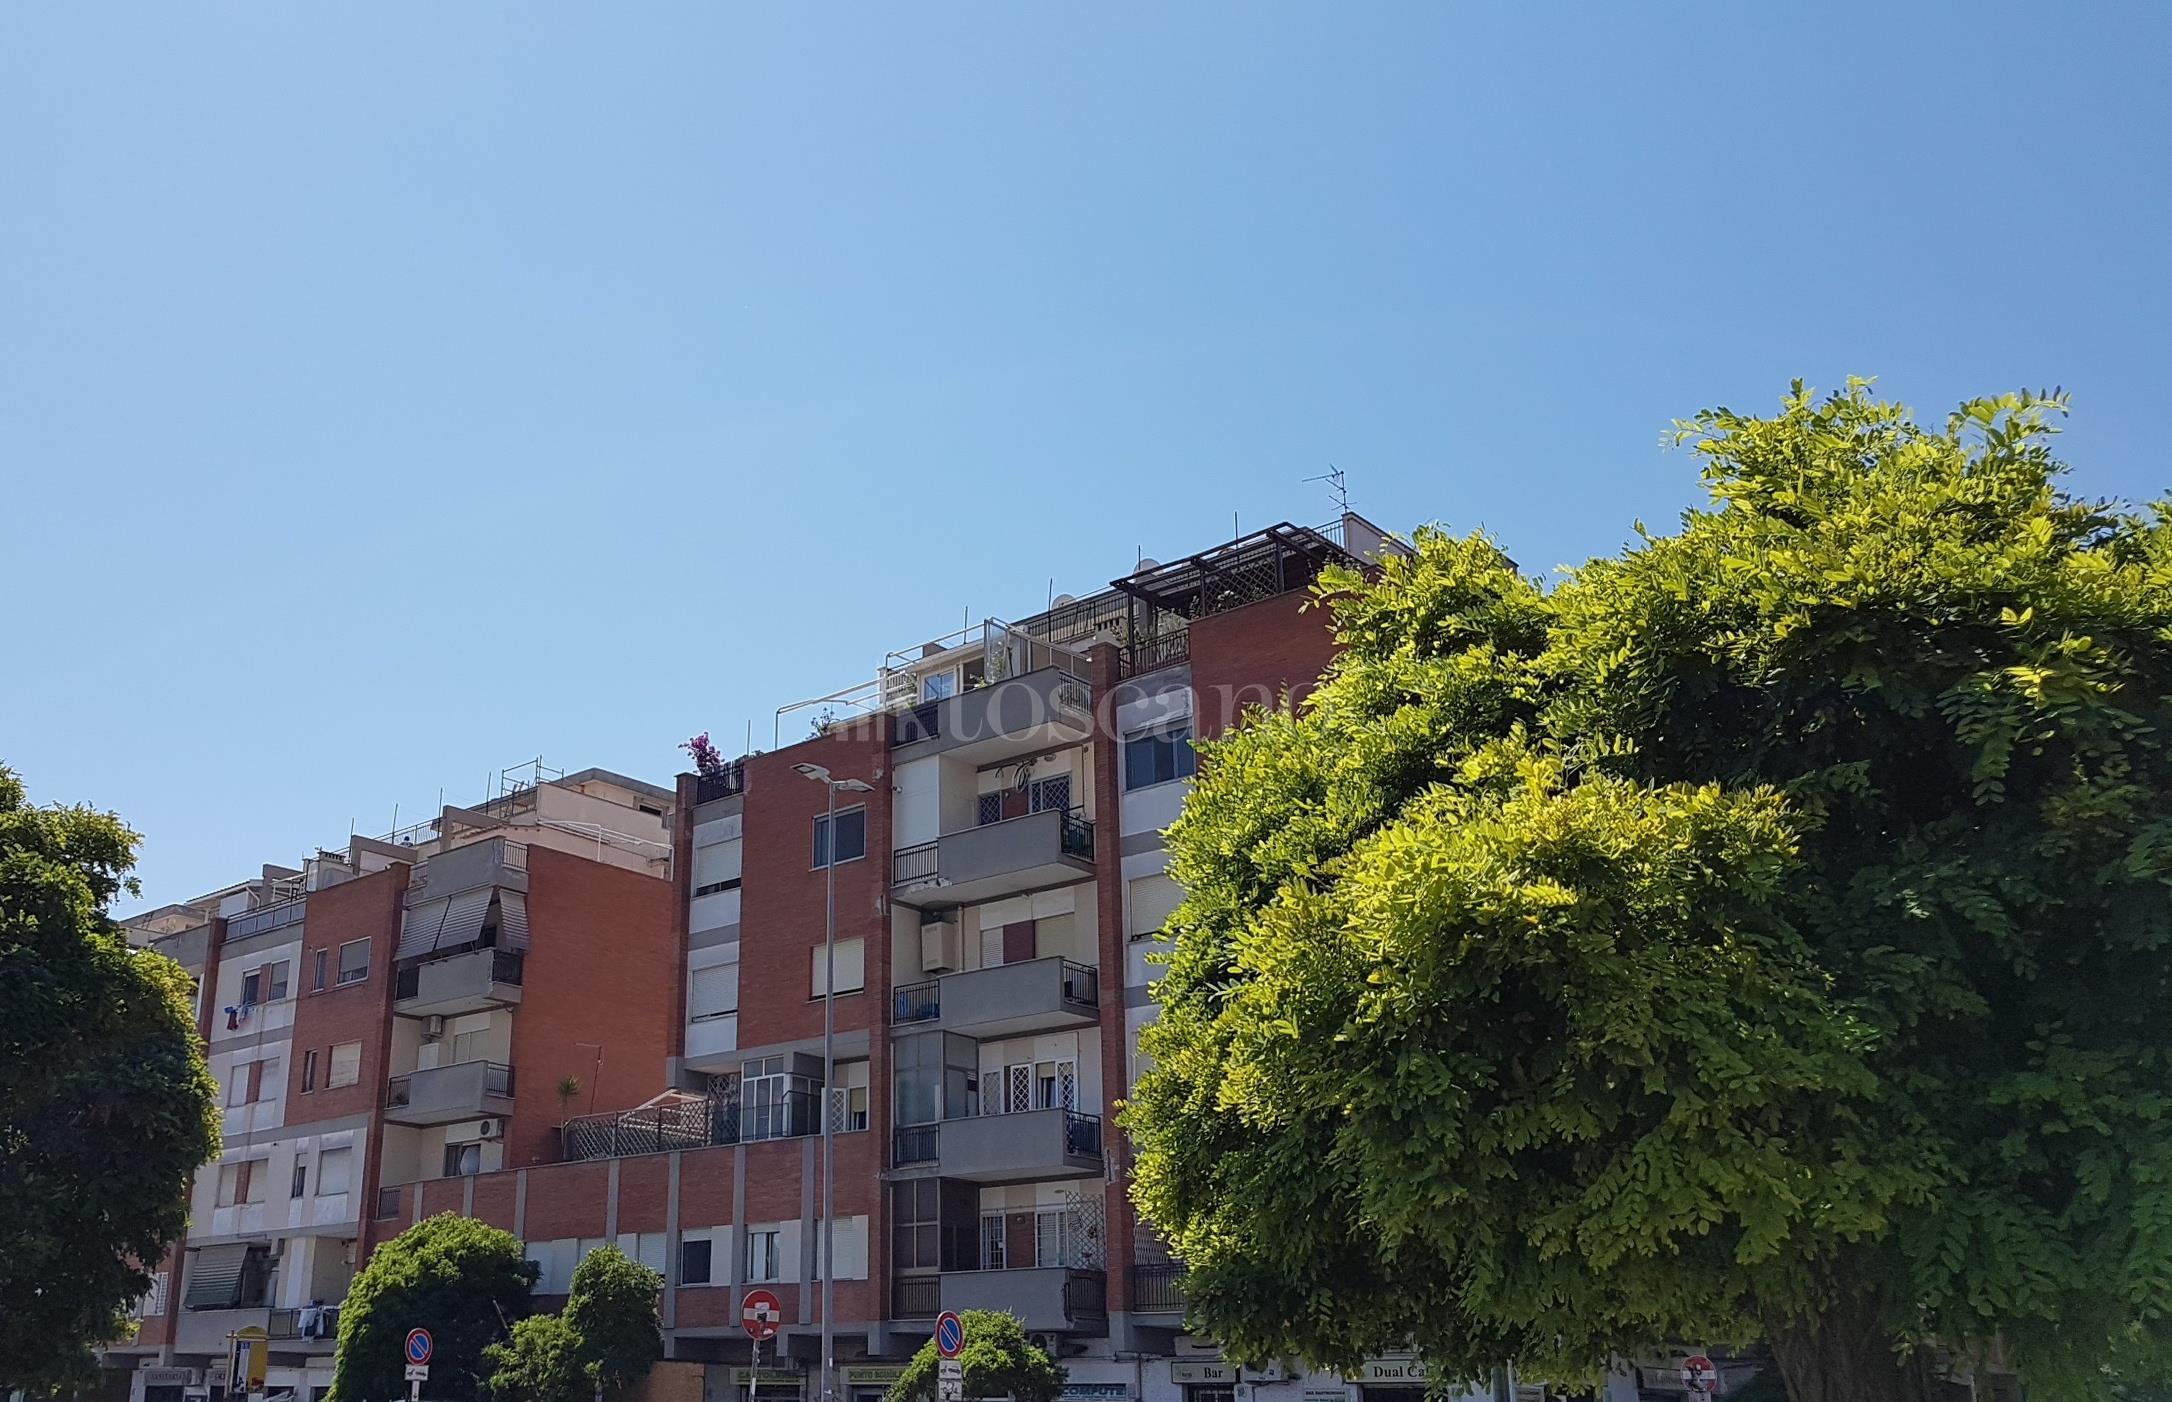 Vendita casa a roma in via capo spartivento ostia levante for Casa a roma vendita